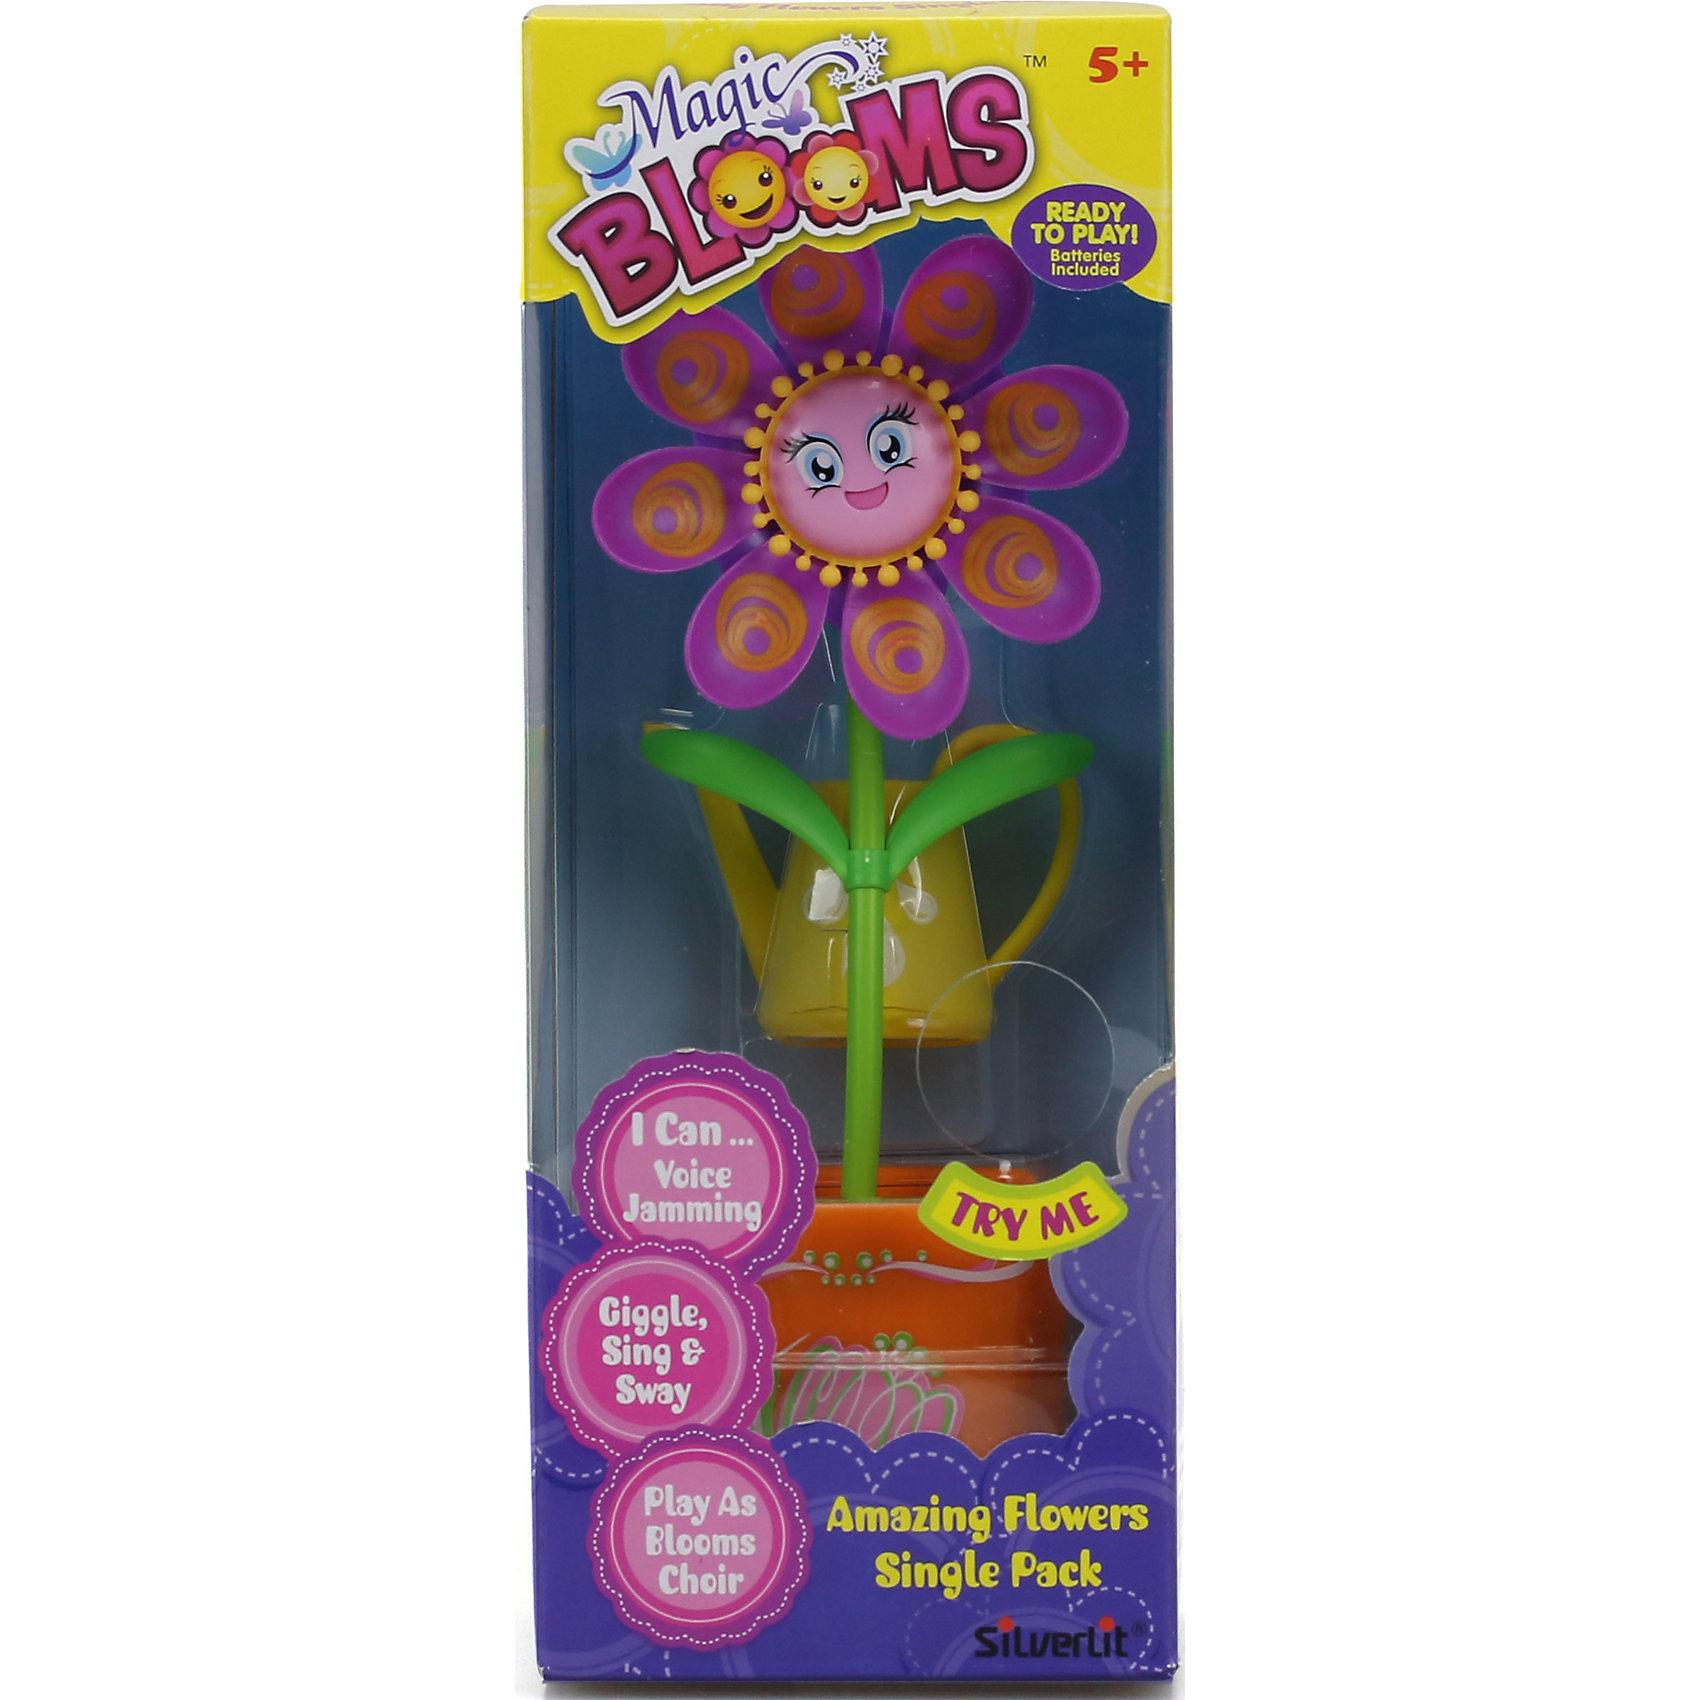 Волшебный цветок, Magic BloomsЗаводные игрушки<br>Характеристики:<br><br>• Предназначение: для развивающих игр<br>• Коллекция: Волшебный цветок<br>• Диаметр цветка: 8 см<br>• Высота кашпо: 6 см<br>• Материал: пластик<br>• Комплектация: цветок в кашпо, лейка<br>• Наличие звуковых и световых эффектов<br>• Предусмотрена функция записи<br>• Игрушка синхронизируется с другими цветами и аксессуарами данной серии<br>• Батарейки: 3 шт. типа ААА (предусмотрены в комплекте)<br>• Вес: 227 г<br>• Размеры упаковки (Д*В*Ш): 12,7*22*7,6 см<br>• Упаковка: блистер на картоне с европодвесом <br>• Особенности ухода: сухая чистка<br><br>Волшебный цветок, Magic Blooms – это интерактивная развивающая игрушка, производителем которой является Magic Blooms. Цветок и лейка выполнены из пластика, который отвечает международным стандартам качества и безопасности. Элементы игрового набора окрашены нетоксичными красками. Использованный пластик устойчив к ударам и появлениям царапин, при длительной эксплуатации цвет элементов не изменяется. Набор состоит из цветка в кашпо и лейки. <br><br>Если цветок полить из лейки, он распускает свои яркие лепестки, если прикоснуться к кашпо – растение начинает петь и танцевать в такт мелодии. У цветка предусмотрена функция записи, поэтому игрушка может воспроизводить недлинные отрывки песенок. Цветок умеет синхронизироваться с другими цветами и аксессуарами из данной коллекции. Создайте цветочный хор из волшебных цветов и жуков и организуйте настоящий концерт для своих друзей и родных!<br><br>Волшебный цветок, Magic Blooms можно купить в нашем интернет-магазине.<br><br>Ширина мм: 127<br>Глубина мм: 76<br>Высота мм: 22<br>Вес г: 227<br>Возраст от месяцев: 36<br>Возраст до месяцев: 2147483647<br>Пол: Женский<br>Возраст: Детский<br>SKU: 5331557